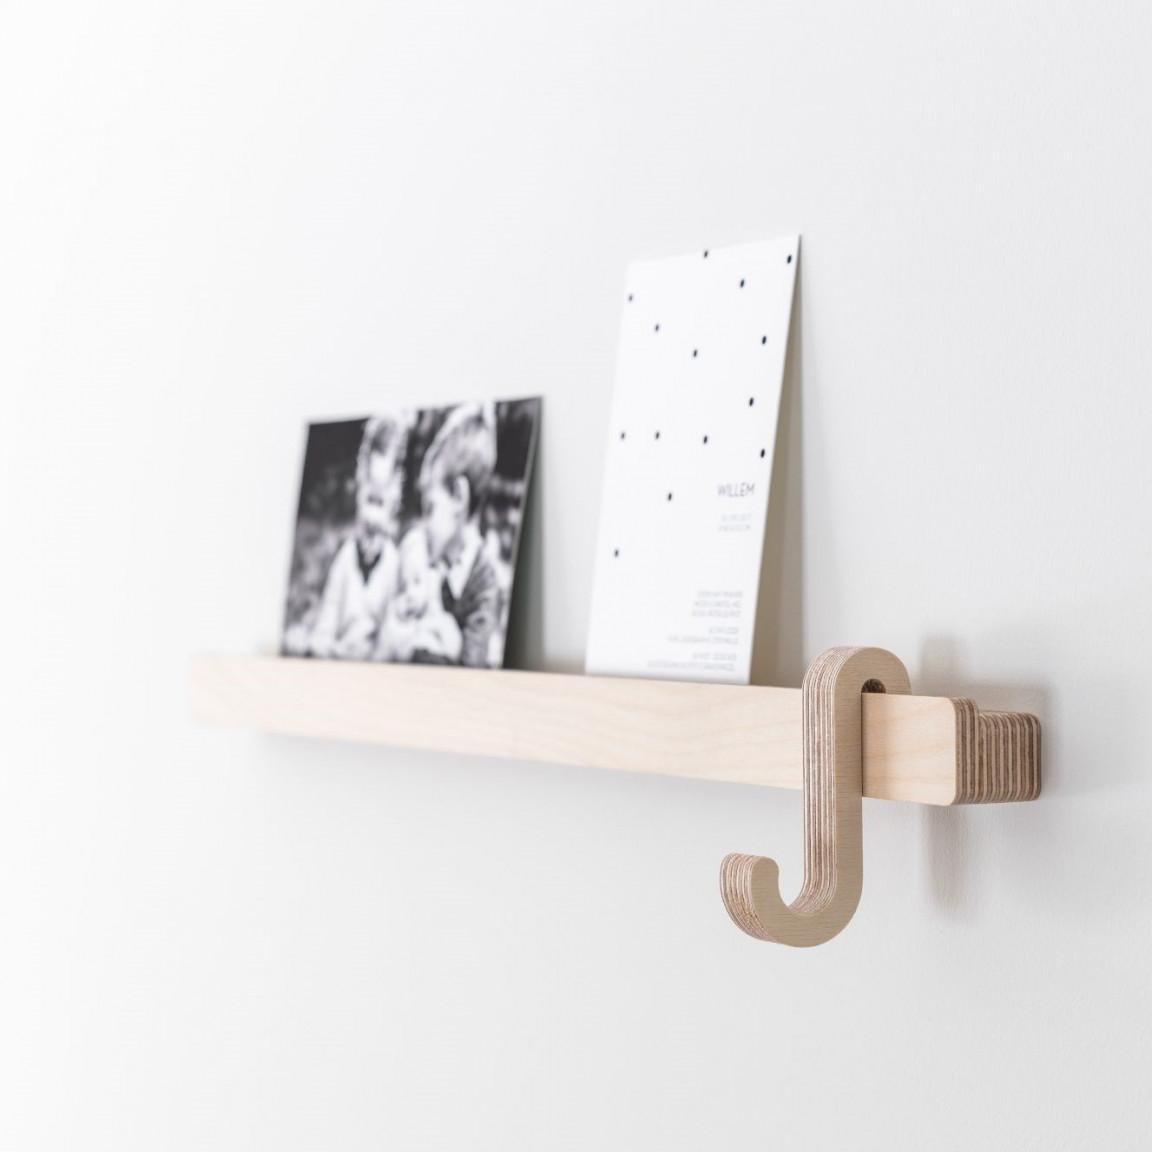 Photo Shelf with Hanger | Wood